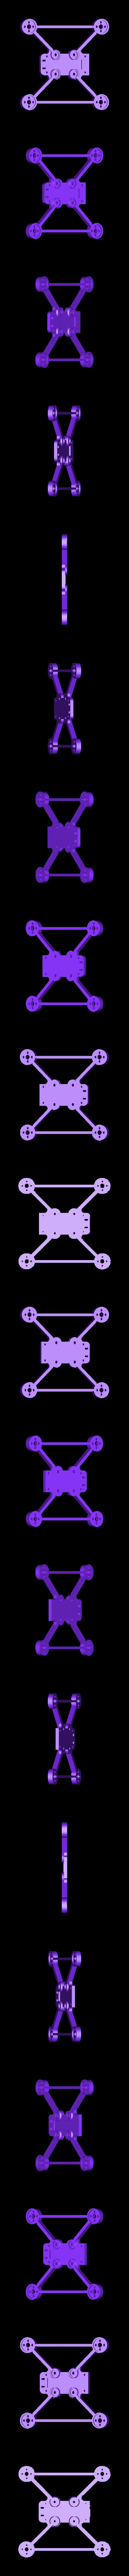 str1KER_V2_straight_supports_THIN.stl Download free STL file str1KER V2 • 3D printable design, Gophy